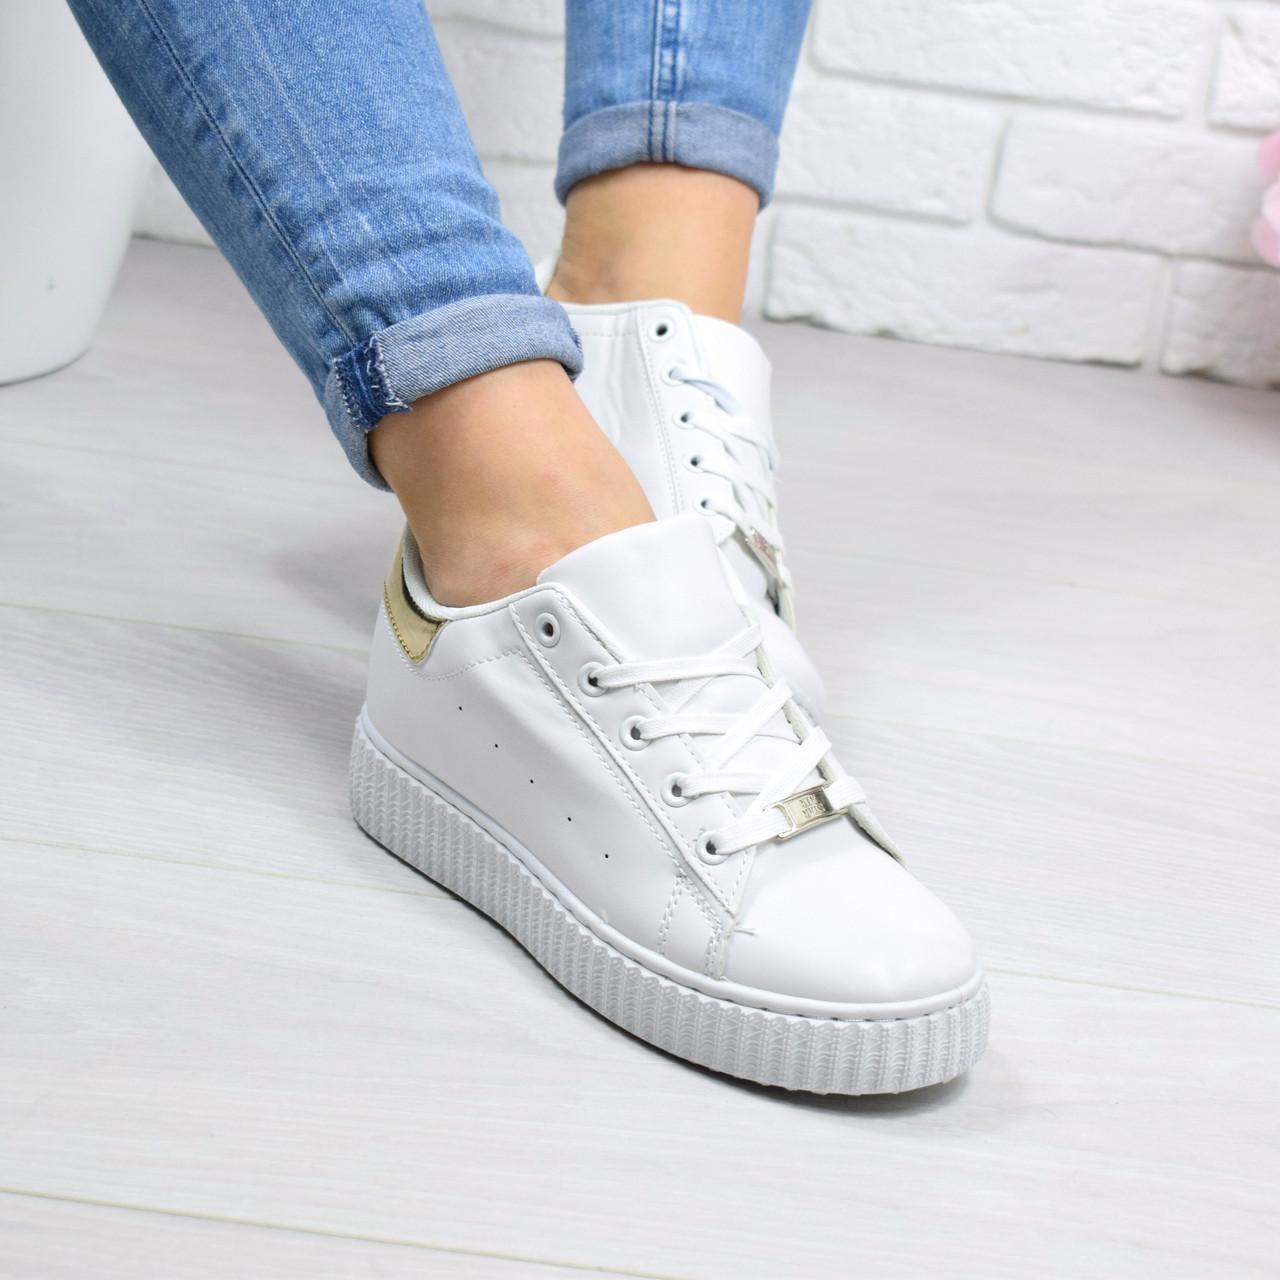 """Кроссовки, кеды, мокасины женские белые """"Melee"""" эко кожа, спортивная, летняя, повседневная обувь"""